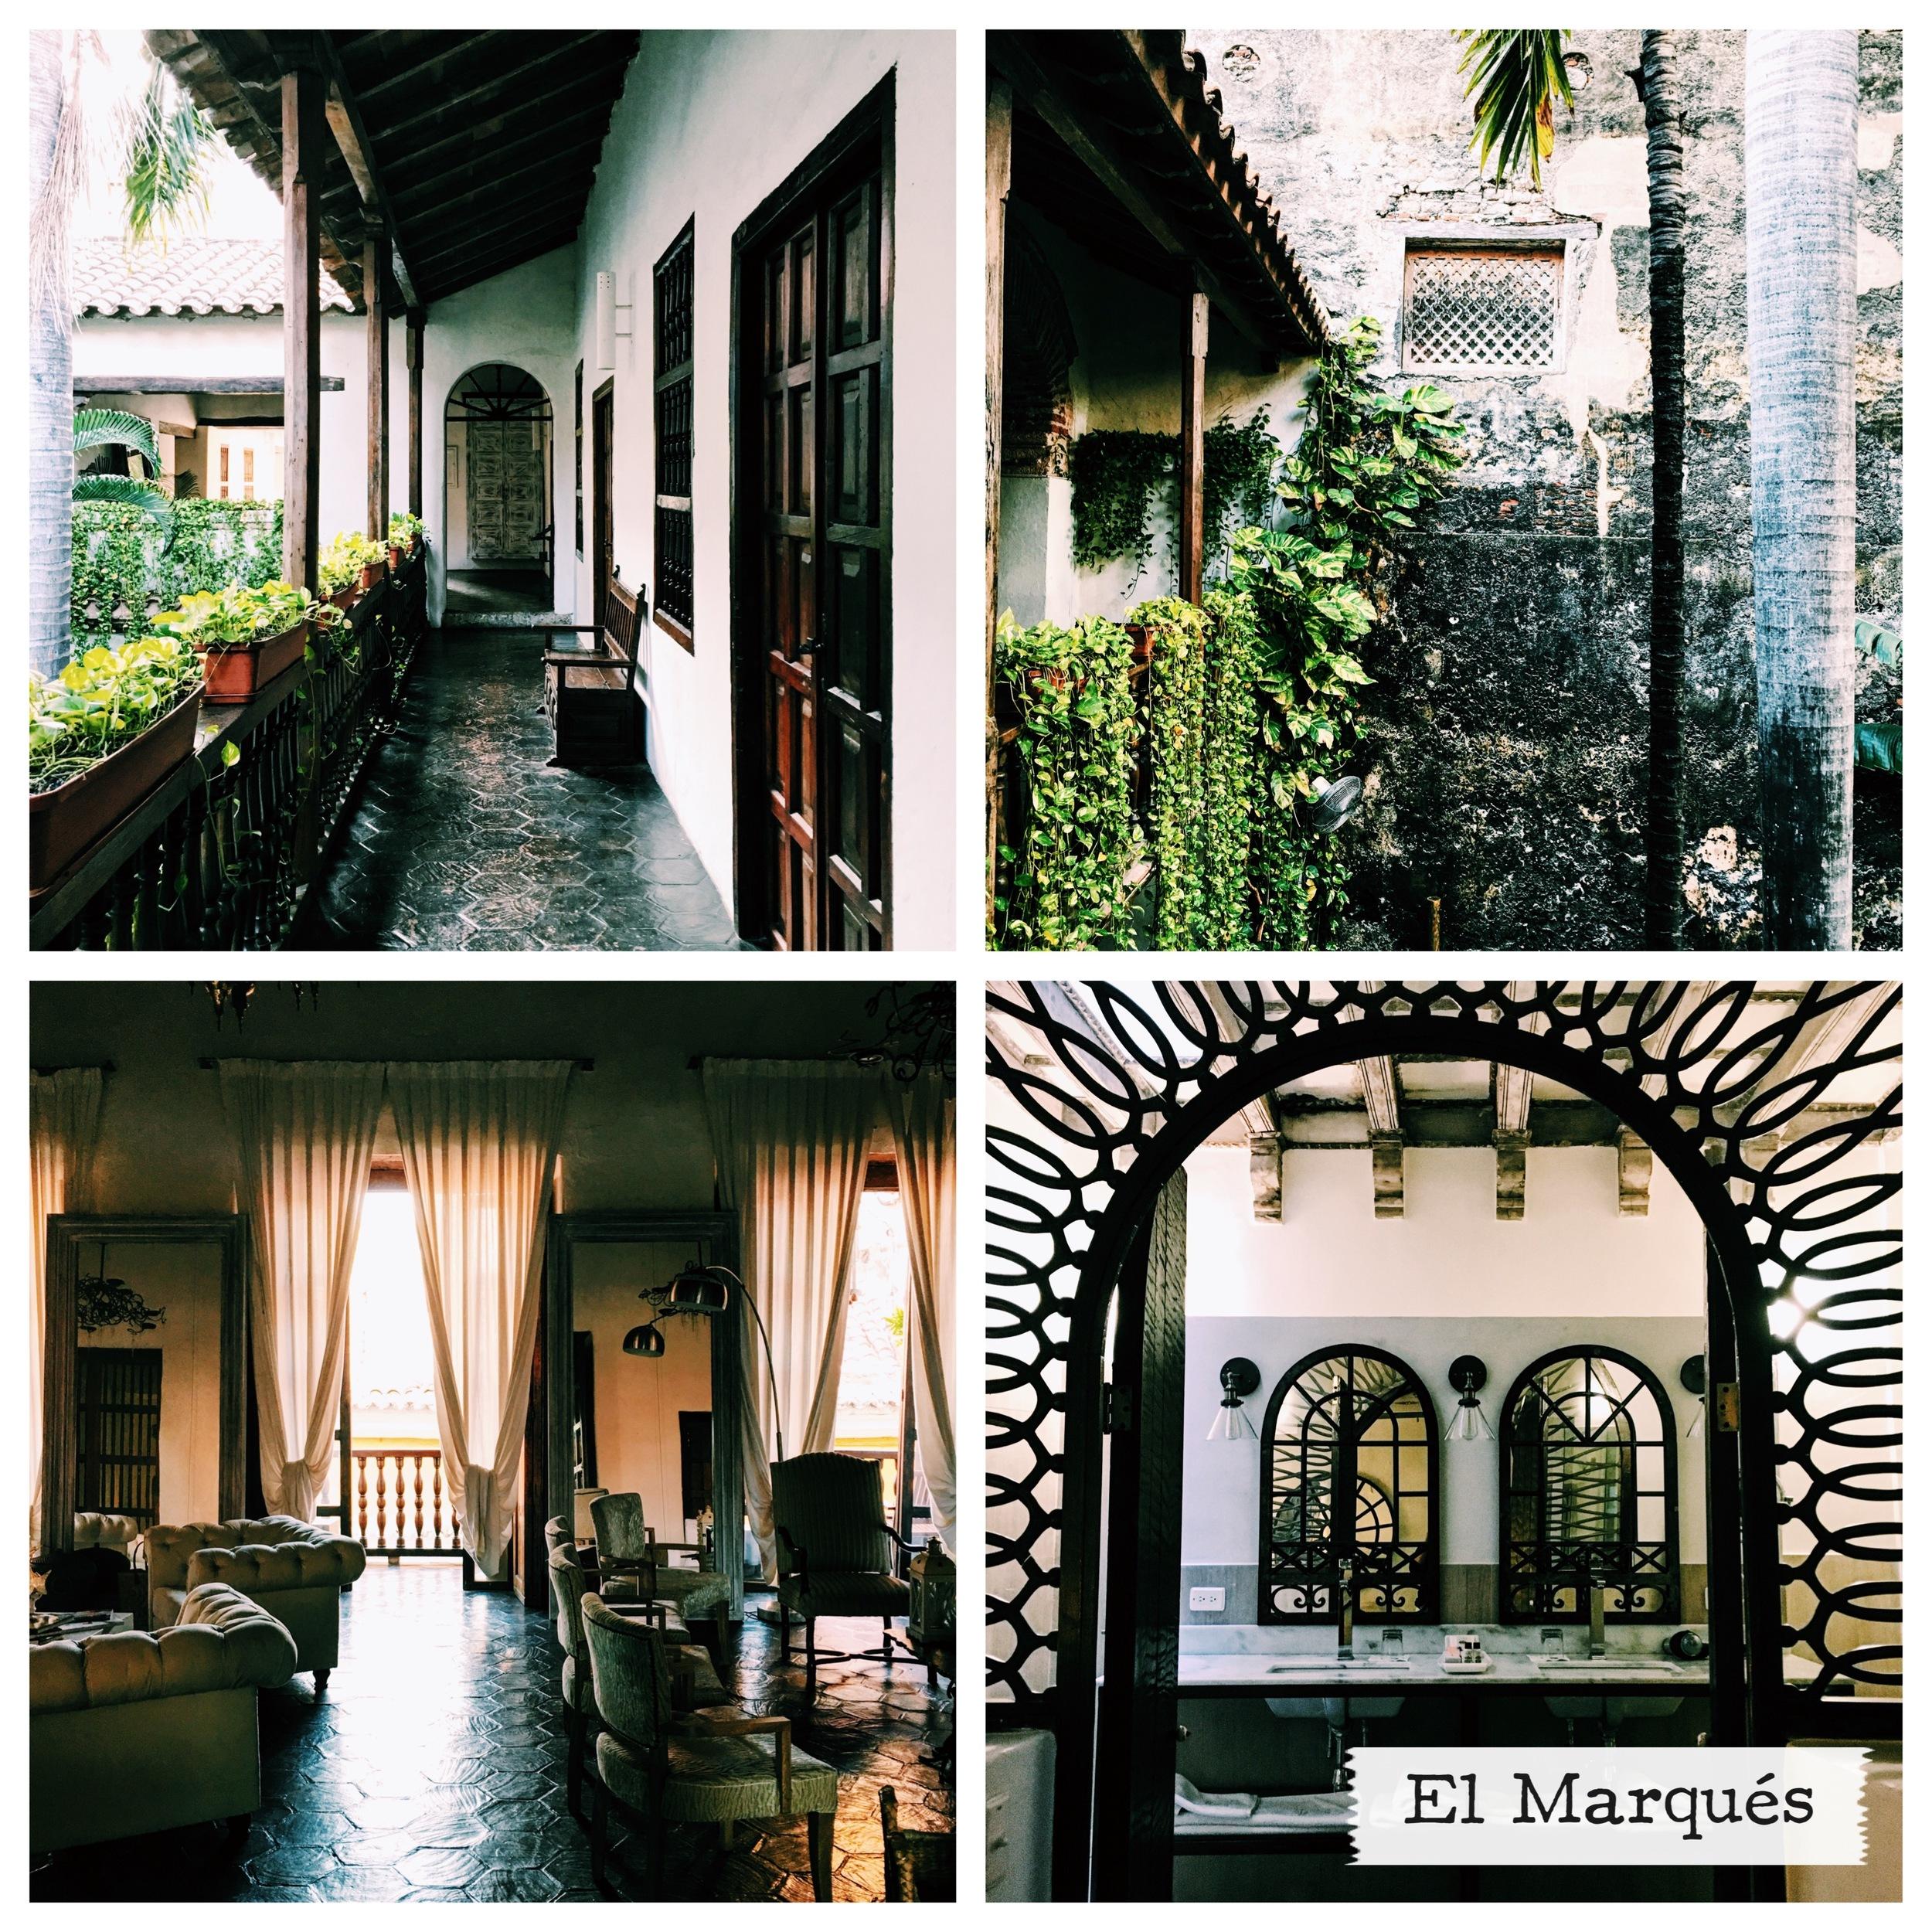 El Marques Boutique Hotel in Cartagena